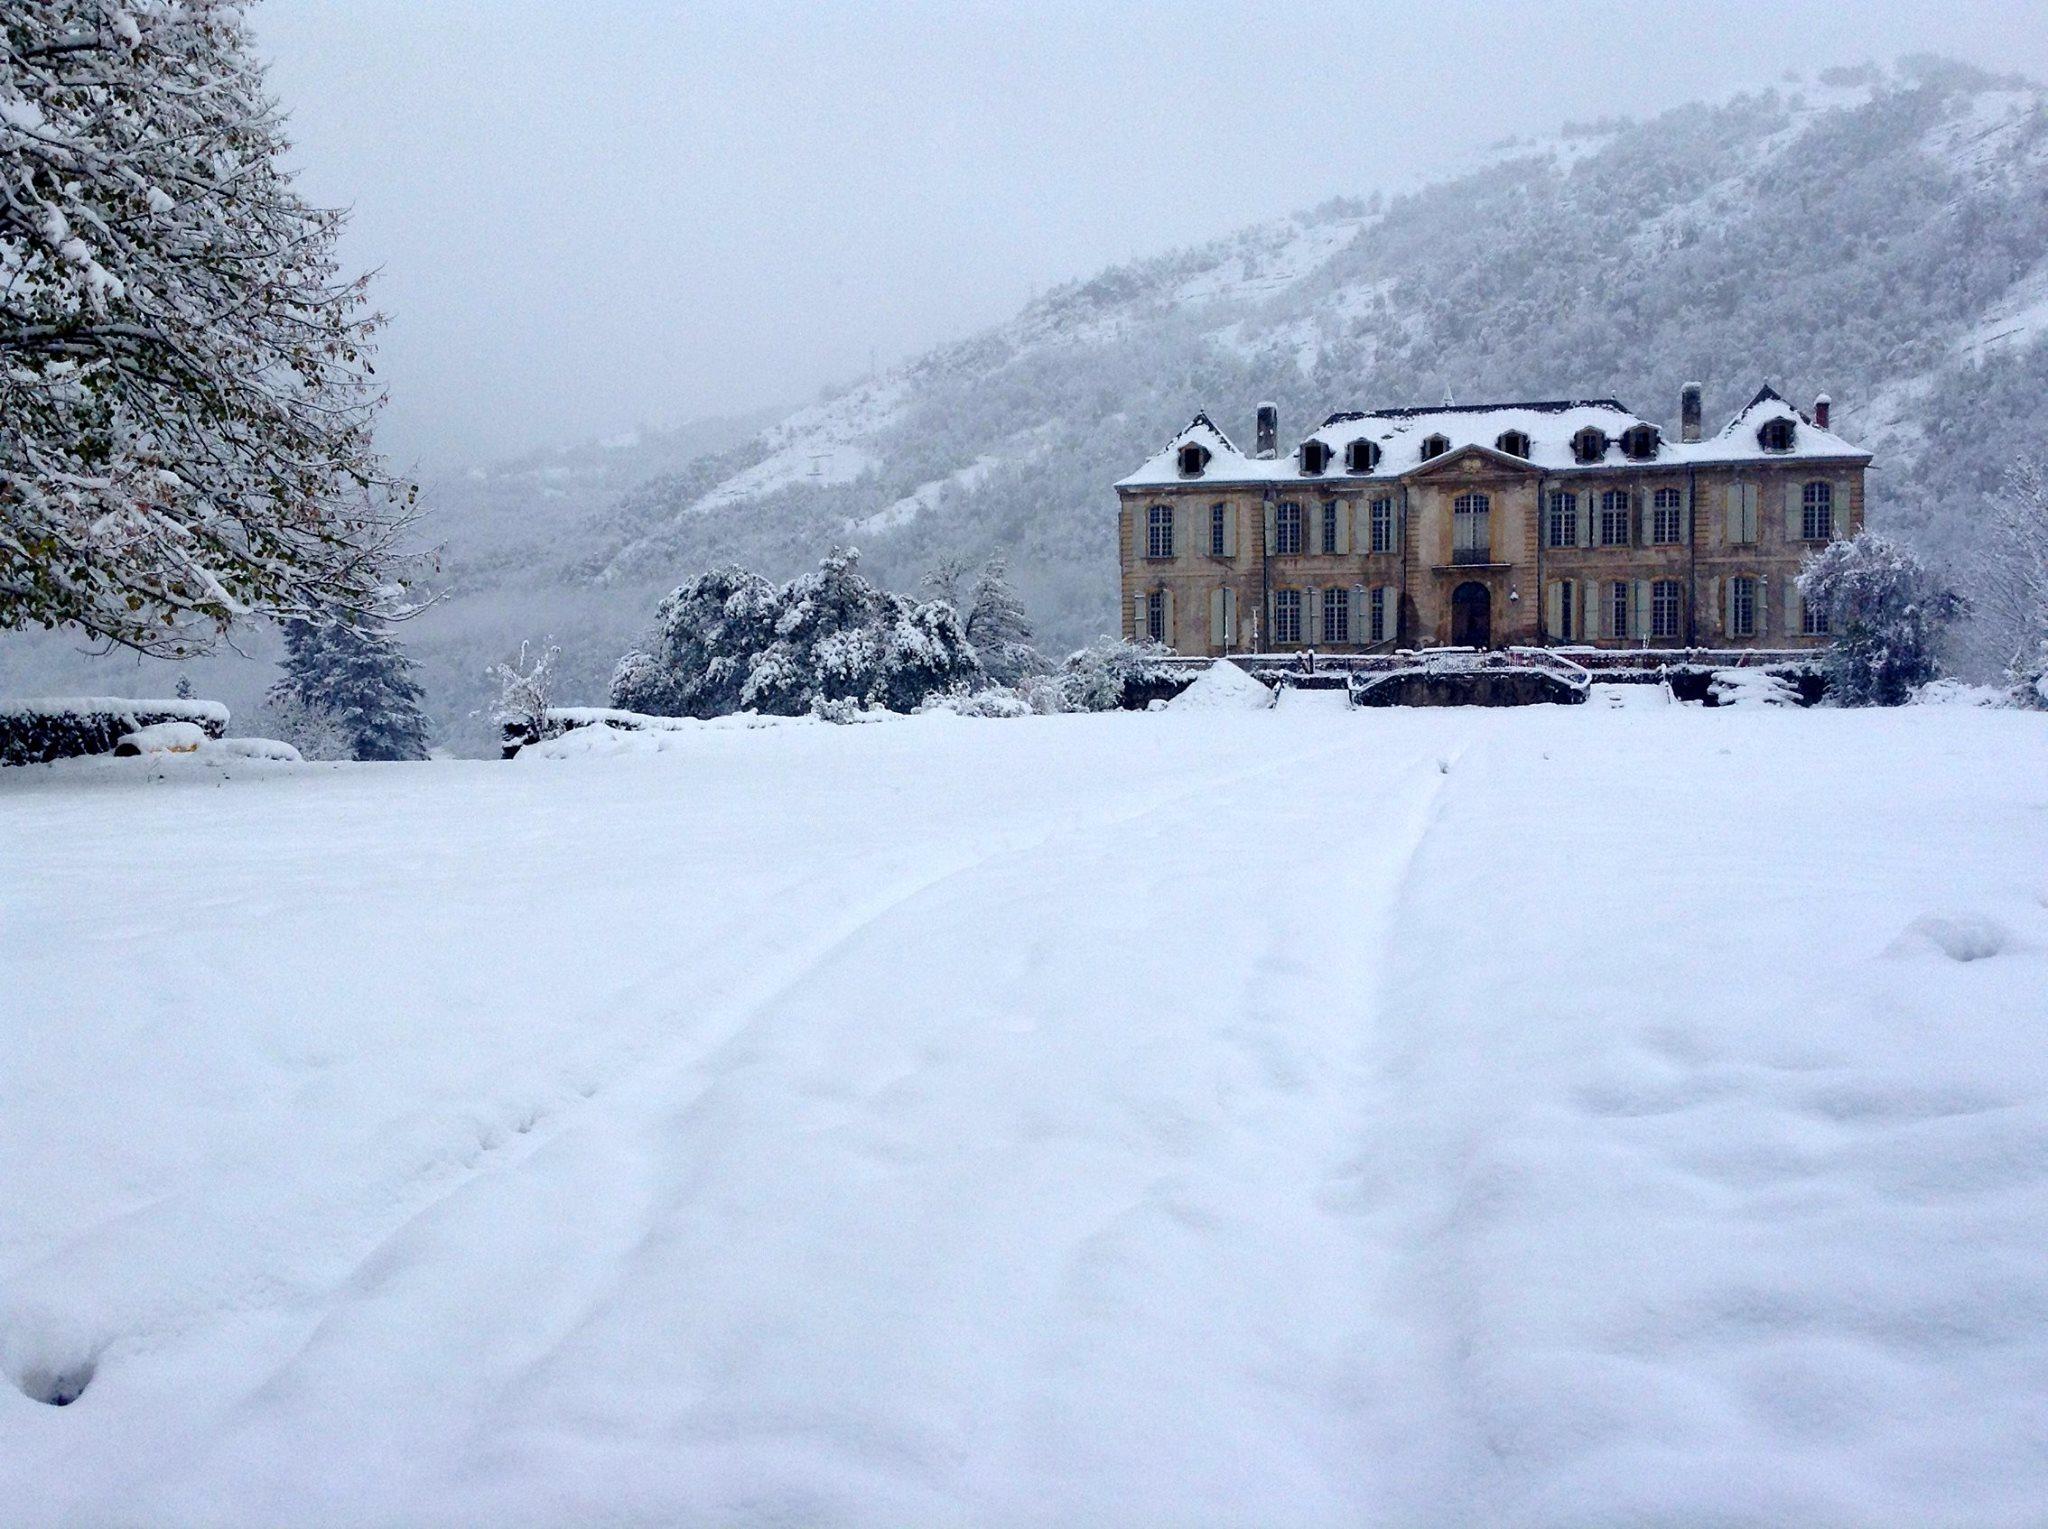 chateau-de-gudanes-snow-facebook.jpg